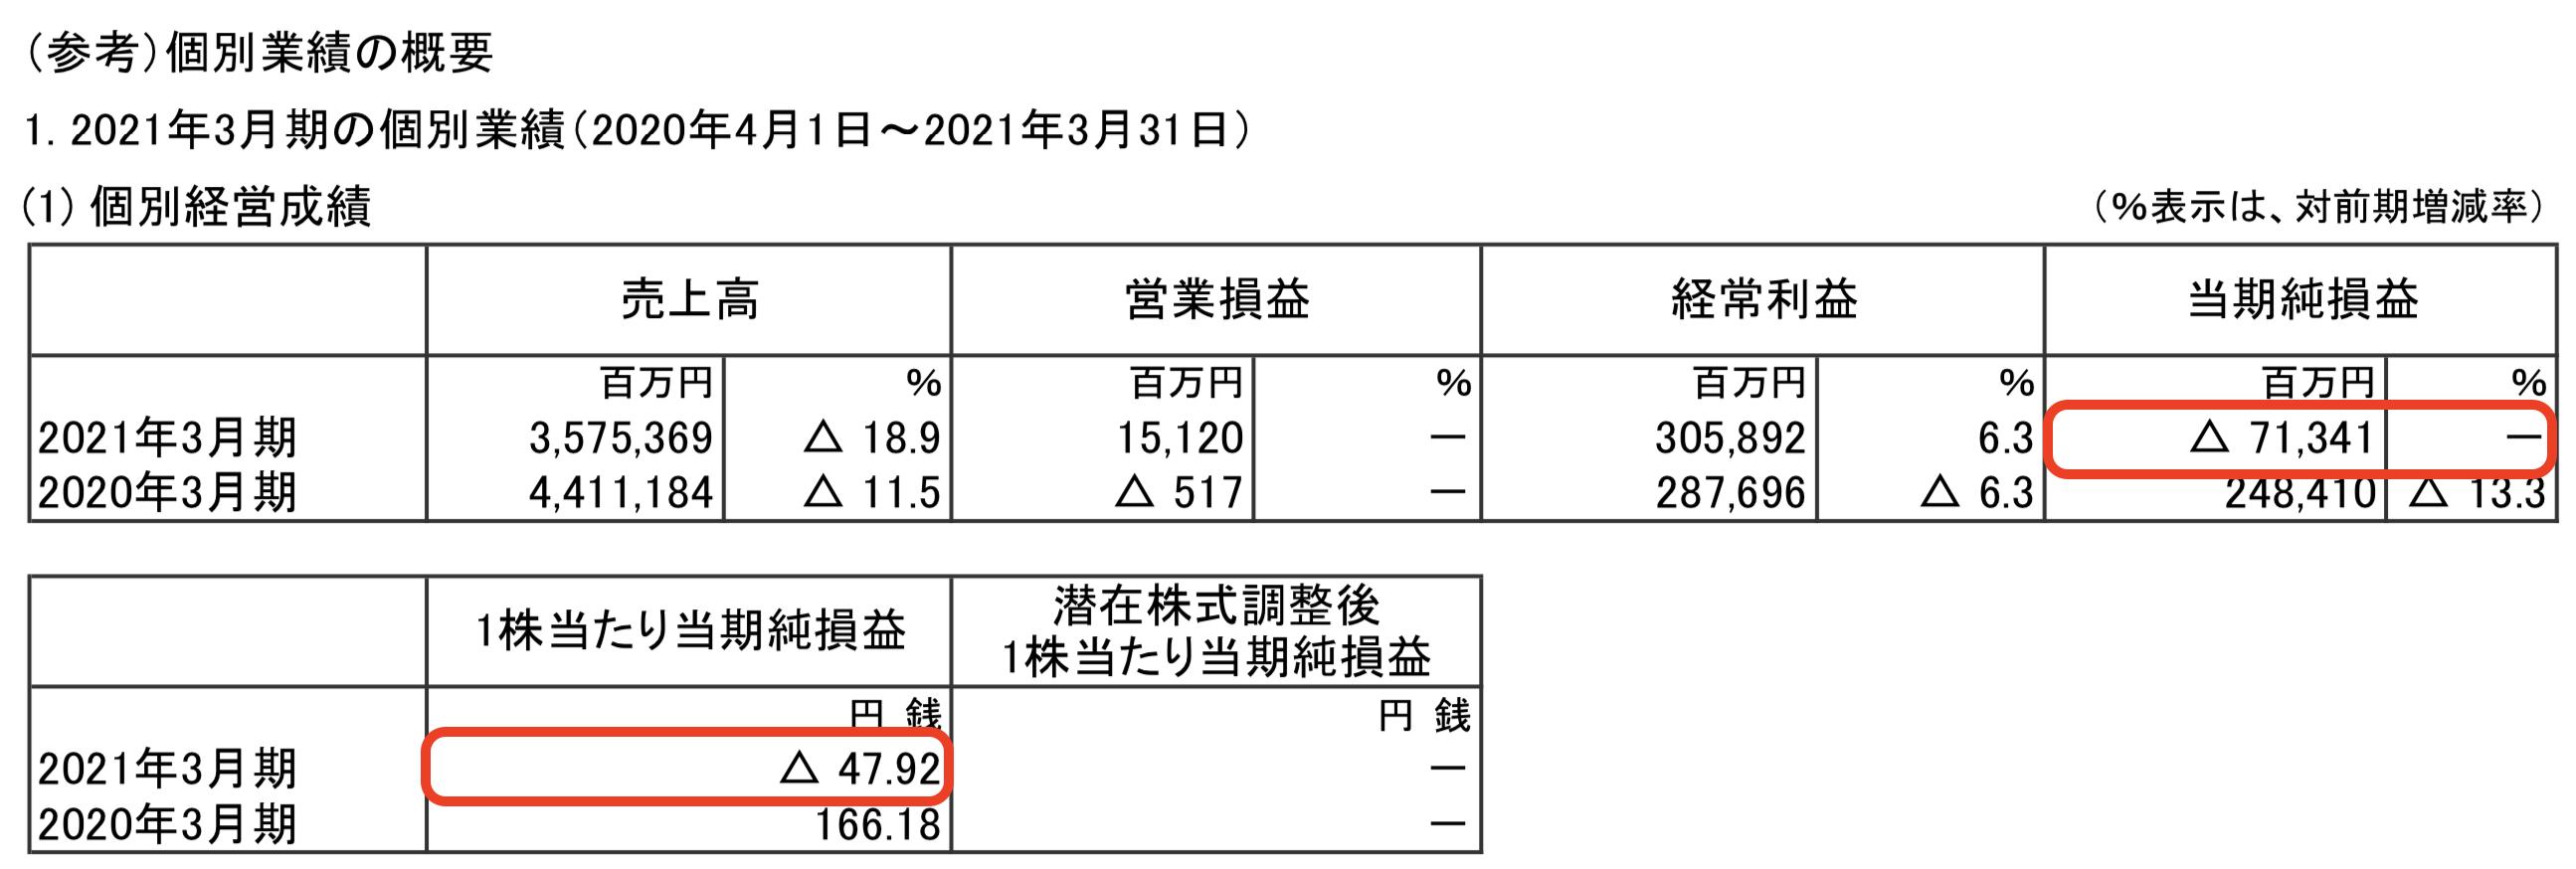 伊藤忠商事株式会社 2021年3月期 決算短信〔IFRS〕(連結) (参考)個別業績の概要 1. 2021年3月期の個別業績(2020年4月1日~2021年3月31日)